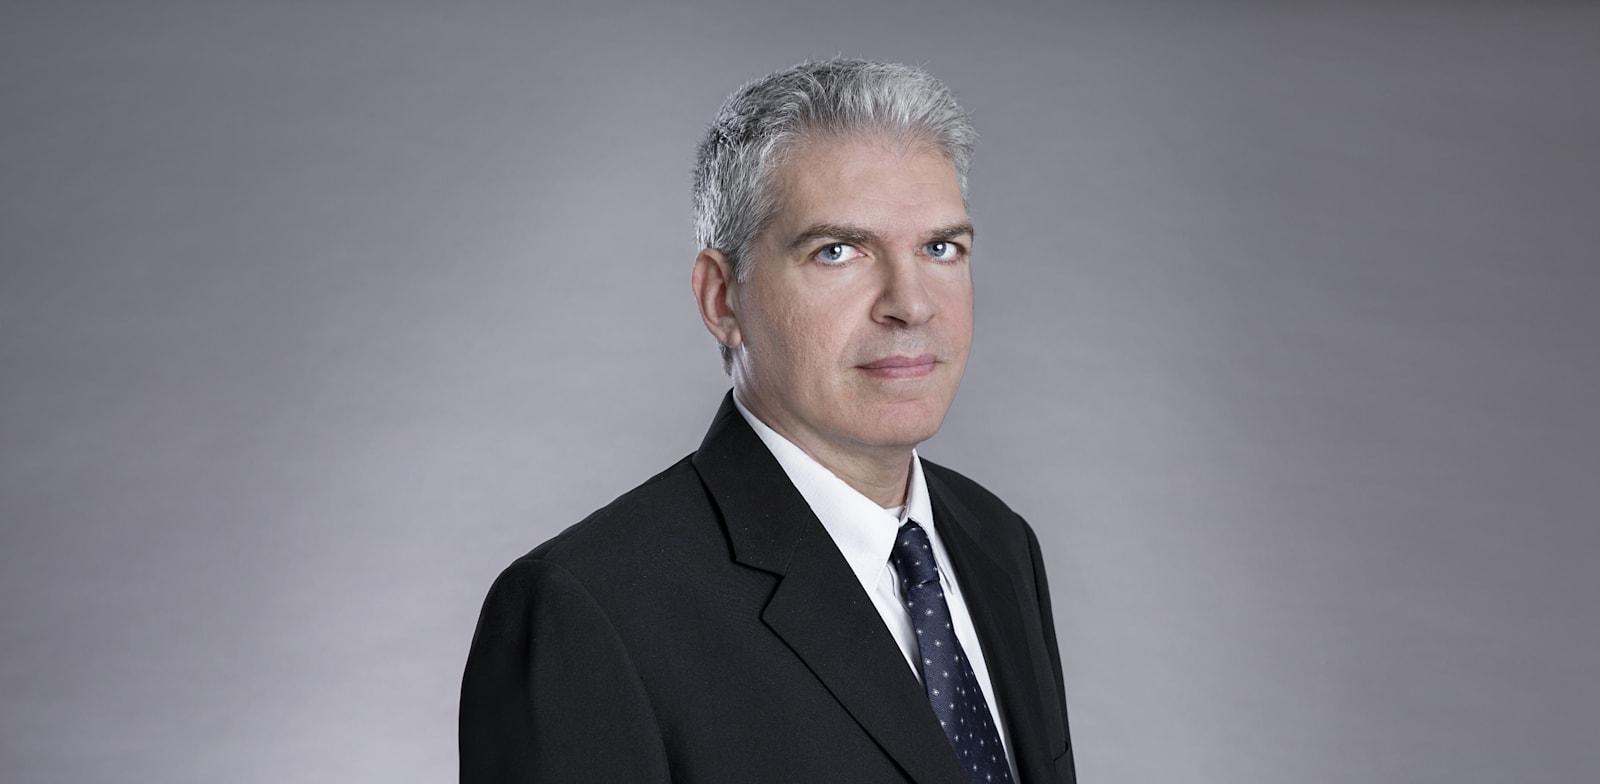 דודו לביא, מנהל מחלקת השקעות ברשות ניירות ערך / צילום: ענבל מרמרי